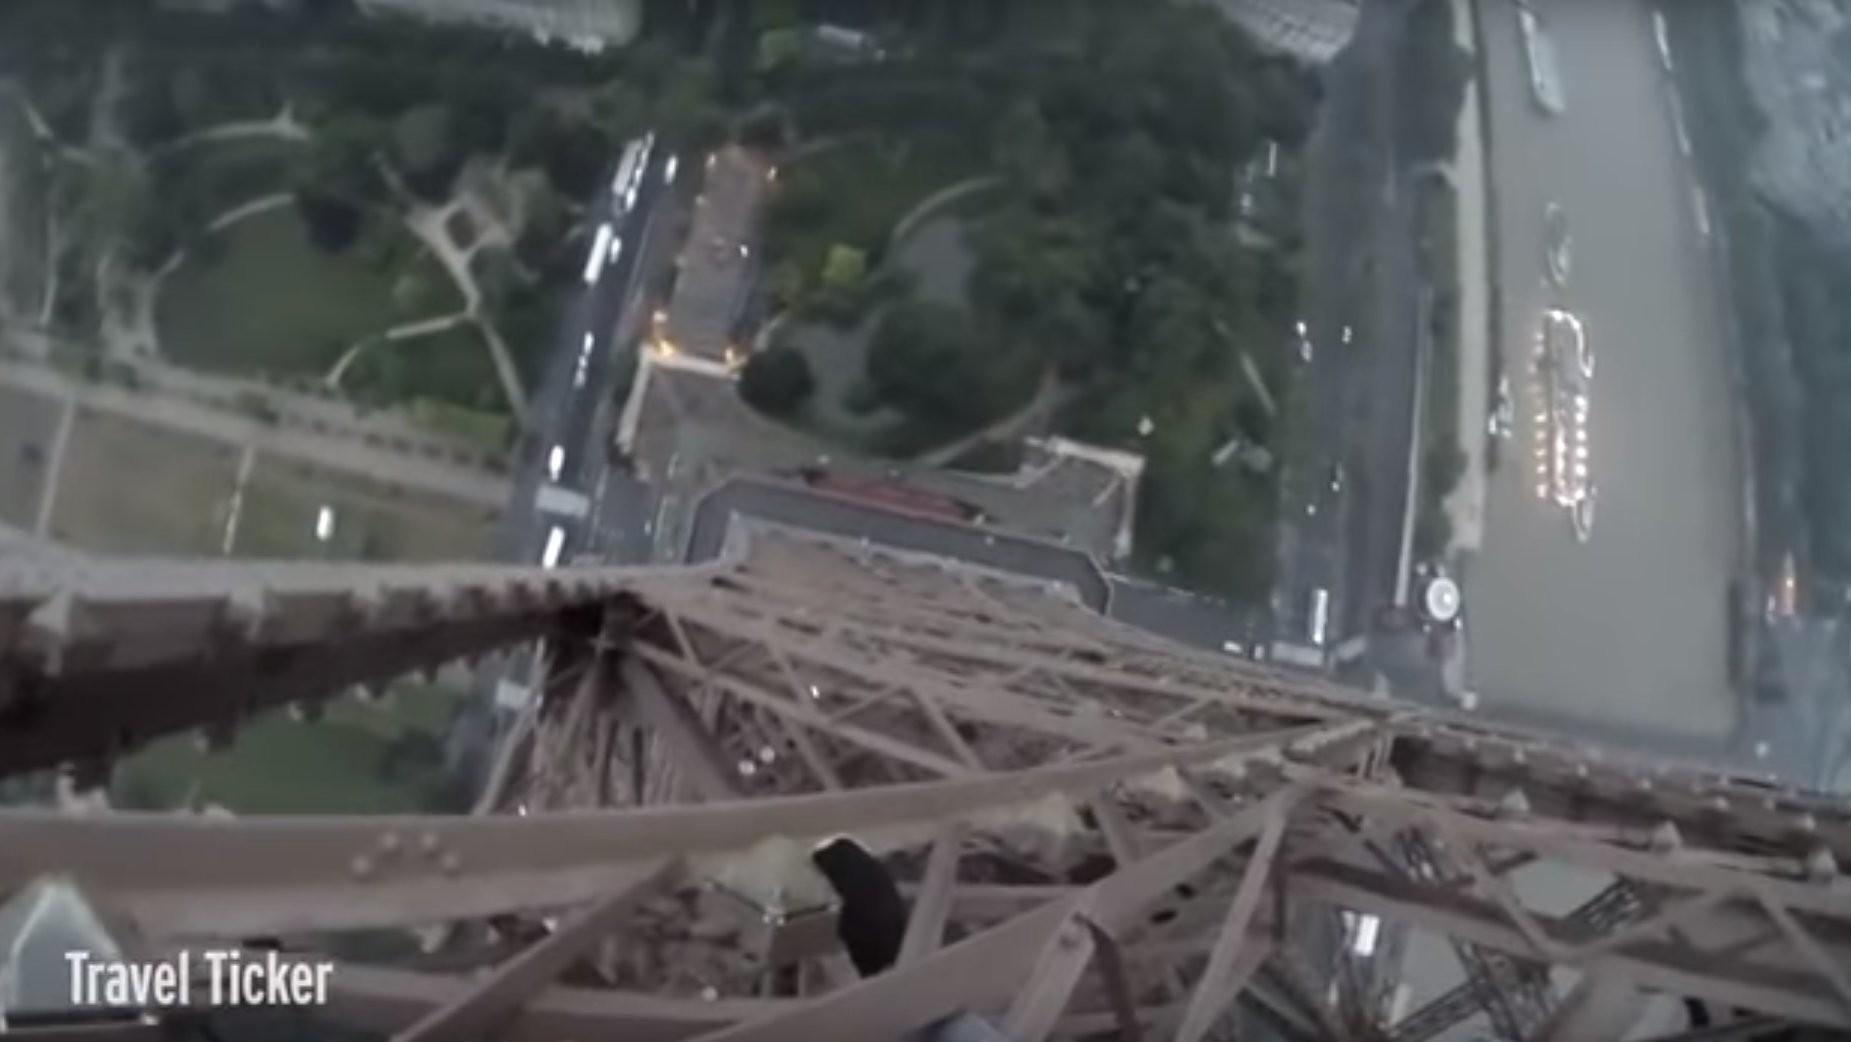 Des casse-cous russes escaladent la Tour Eiffel sans équipement de sécurité (VIDEO CHOC)